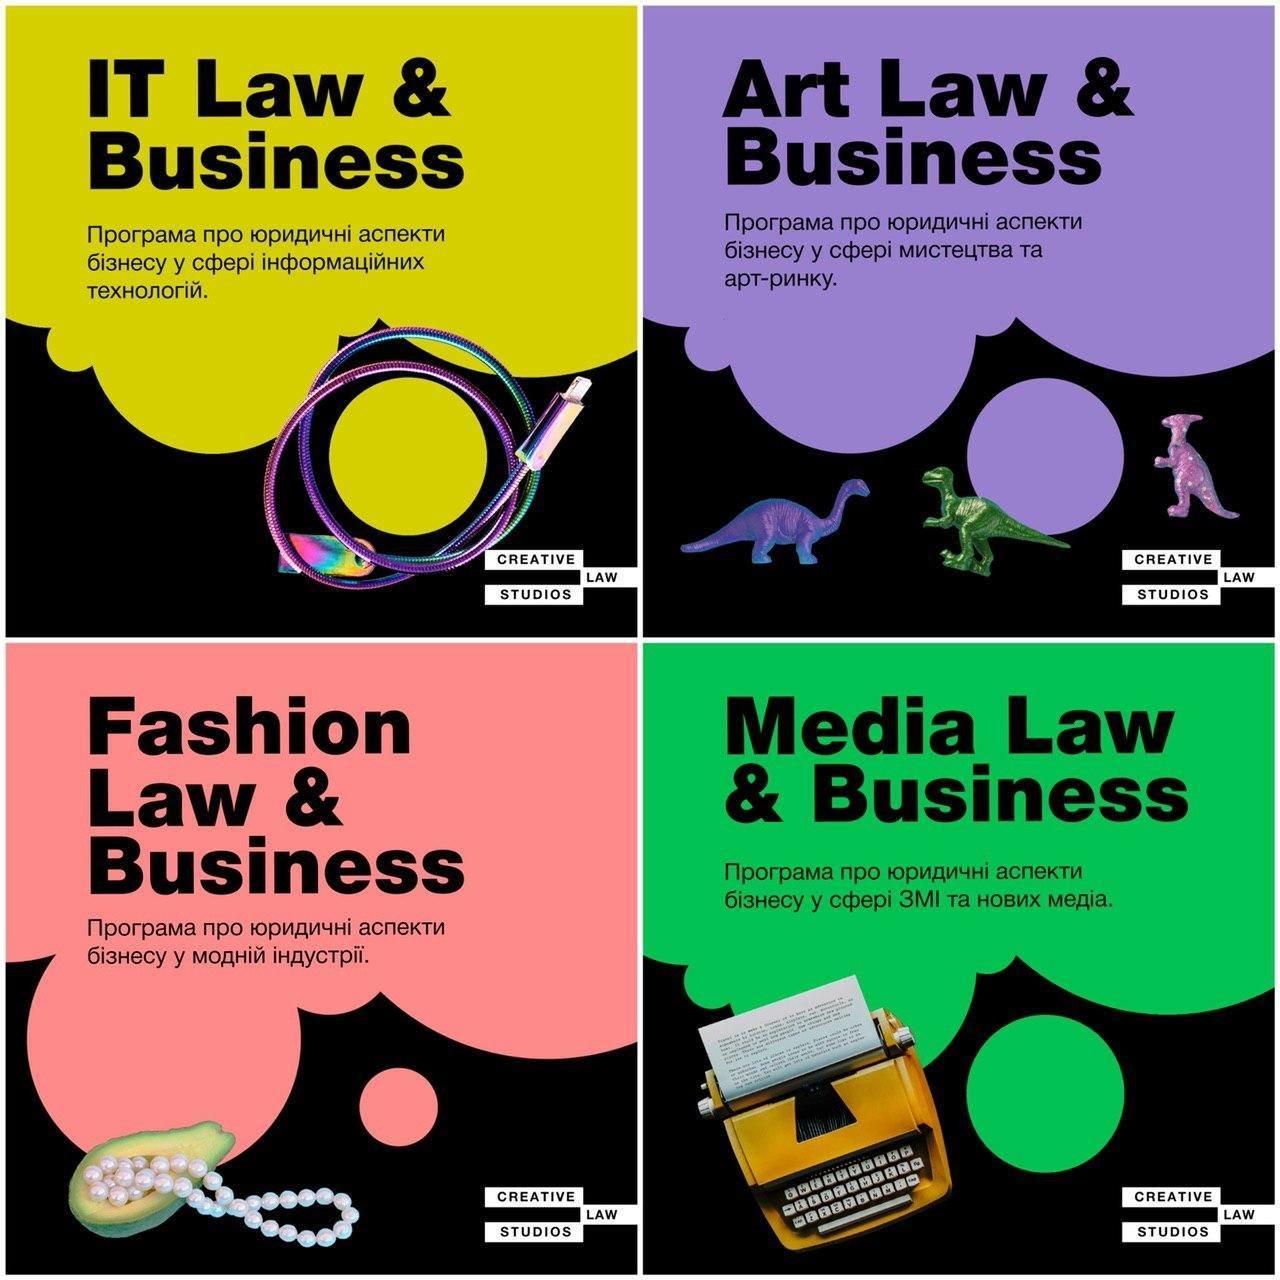 Авторские права и споры: запорожским креативщикам предлагают бесплатно пройти курс о правовой грамотности, фото-1